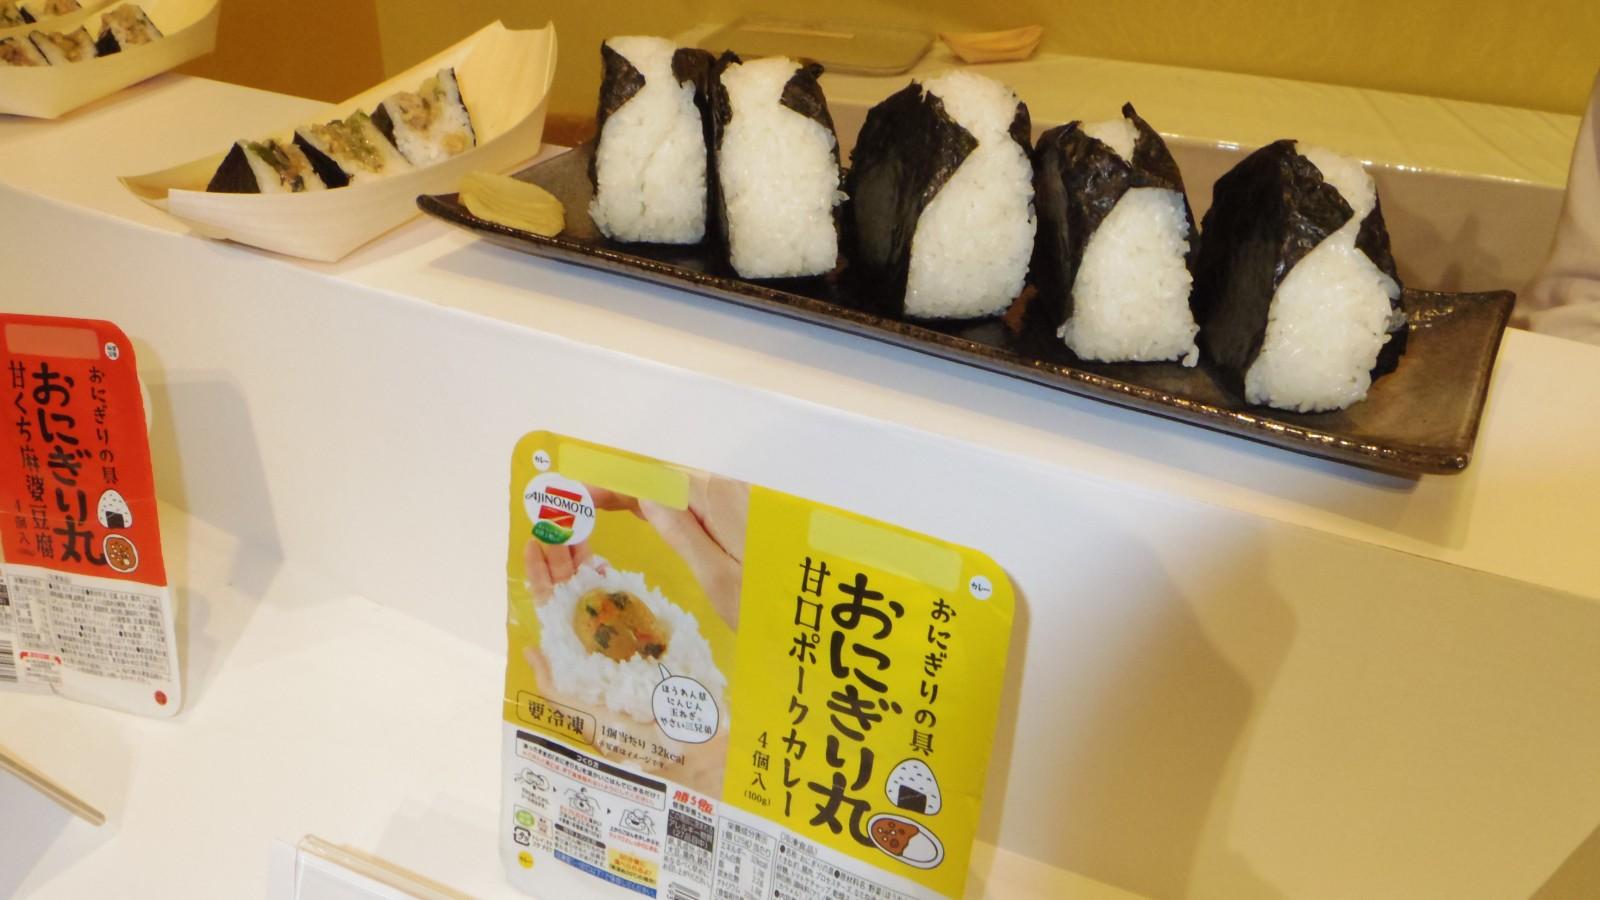 西川剛史さん出演AbemaTV「原宿アベニュー」で紹介された注目商品。「おにぎり丸」は、23日から櫻井翔さんでTVCM